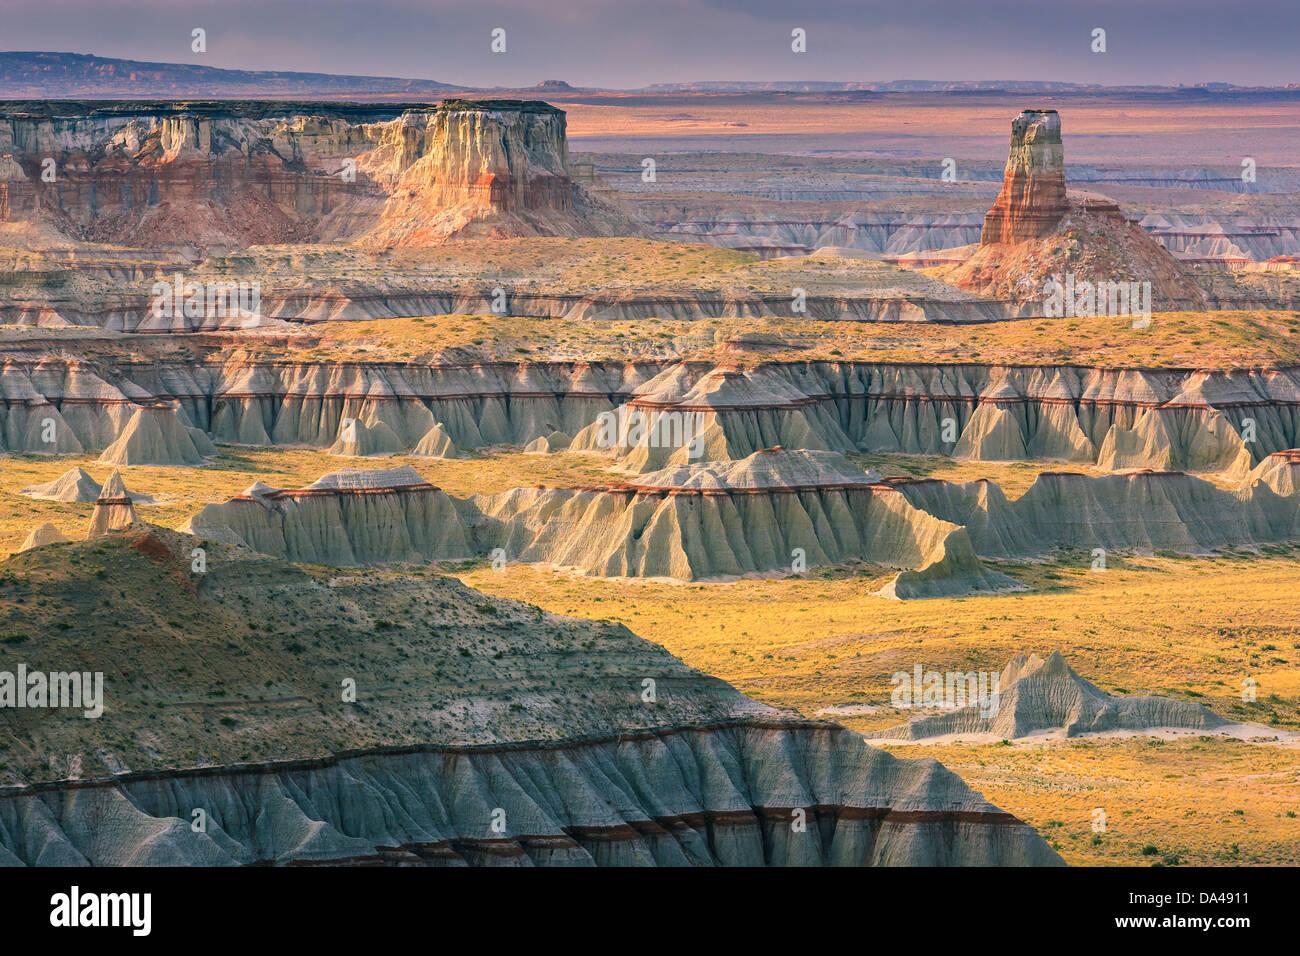 Ja Ho No Ges Canyon, en la parte noreste de Arizona cerca de Tuba City, EE.UU. Imagen De Stock